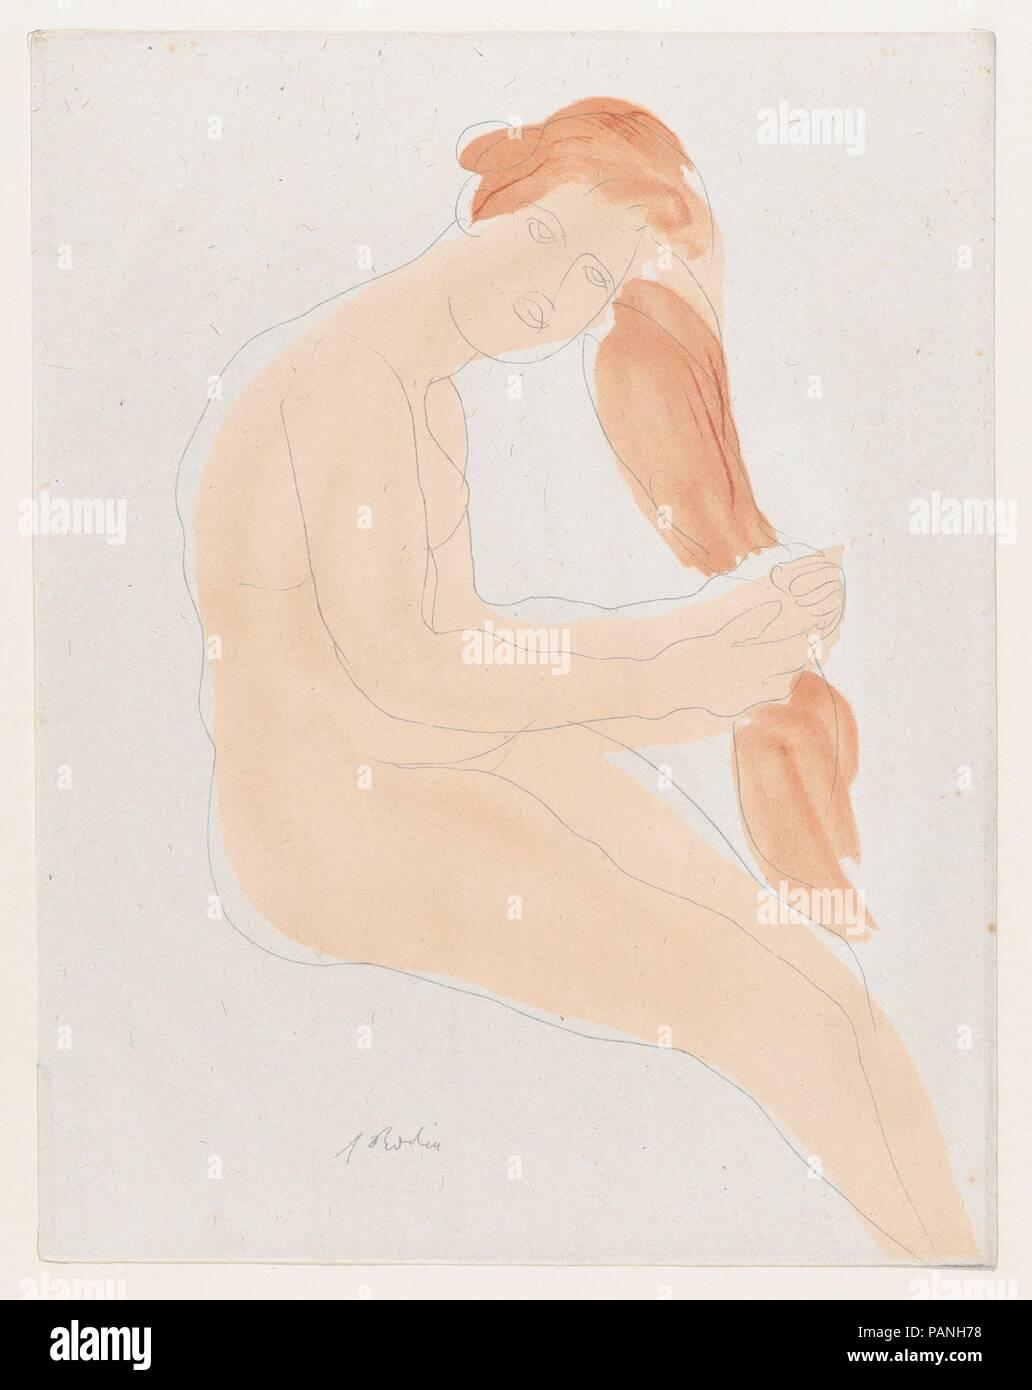 Paris 20th Century Auguste Rodin Tote Modern Art Et telle est-l/'invulnerable beaute de son corps...,Fine Art Print 1902